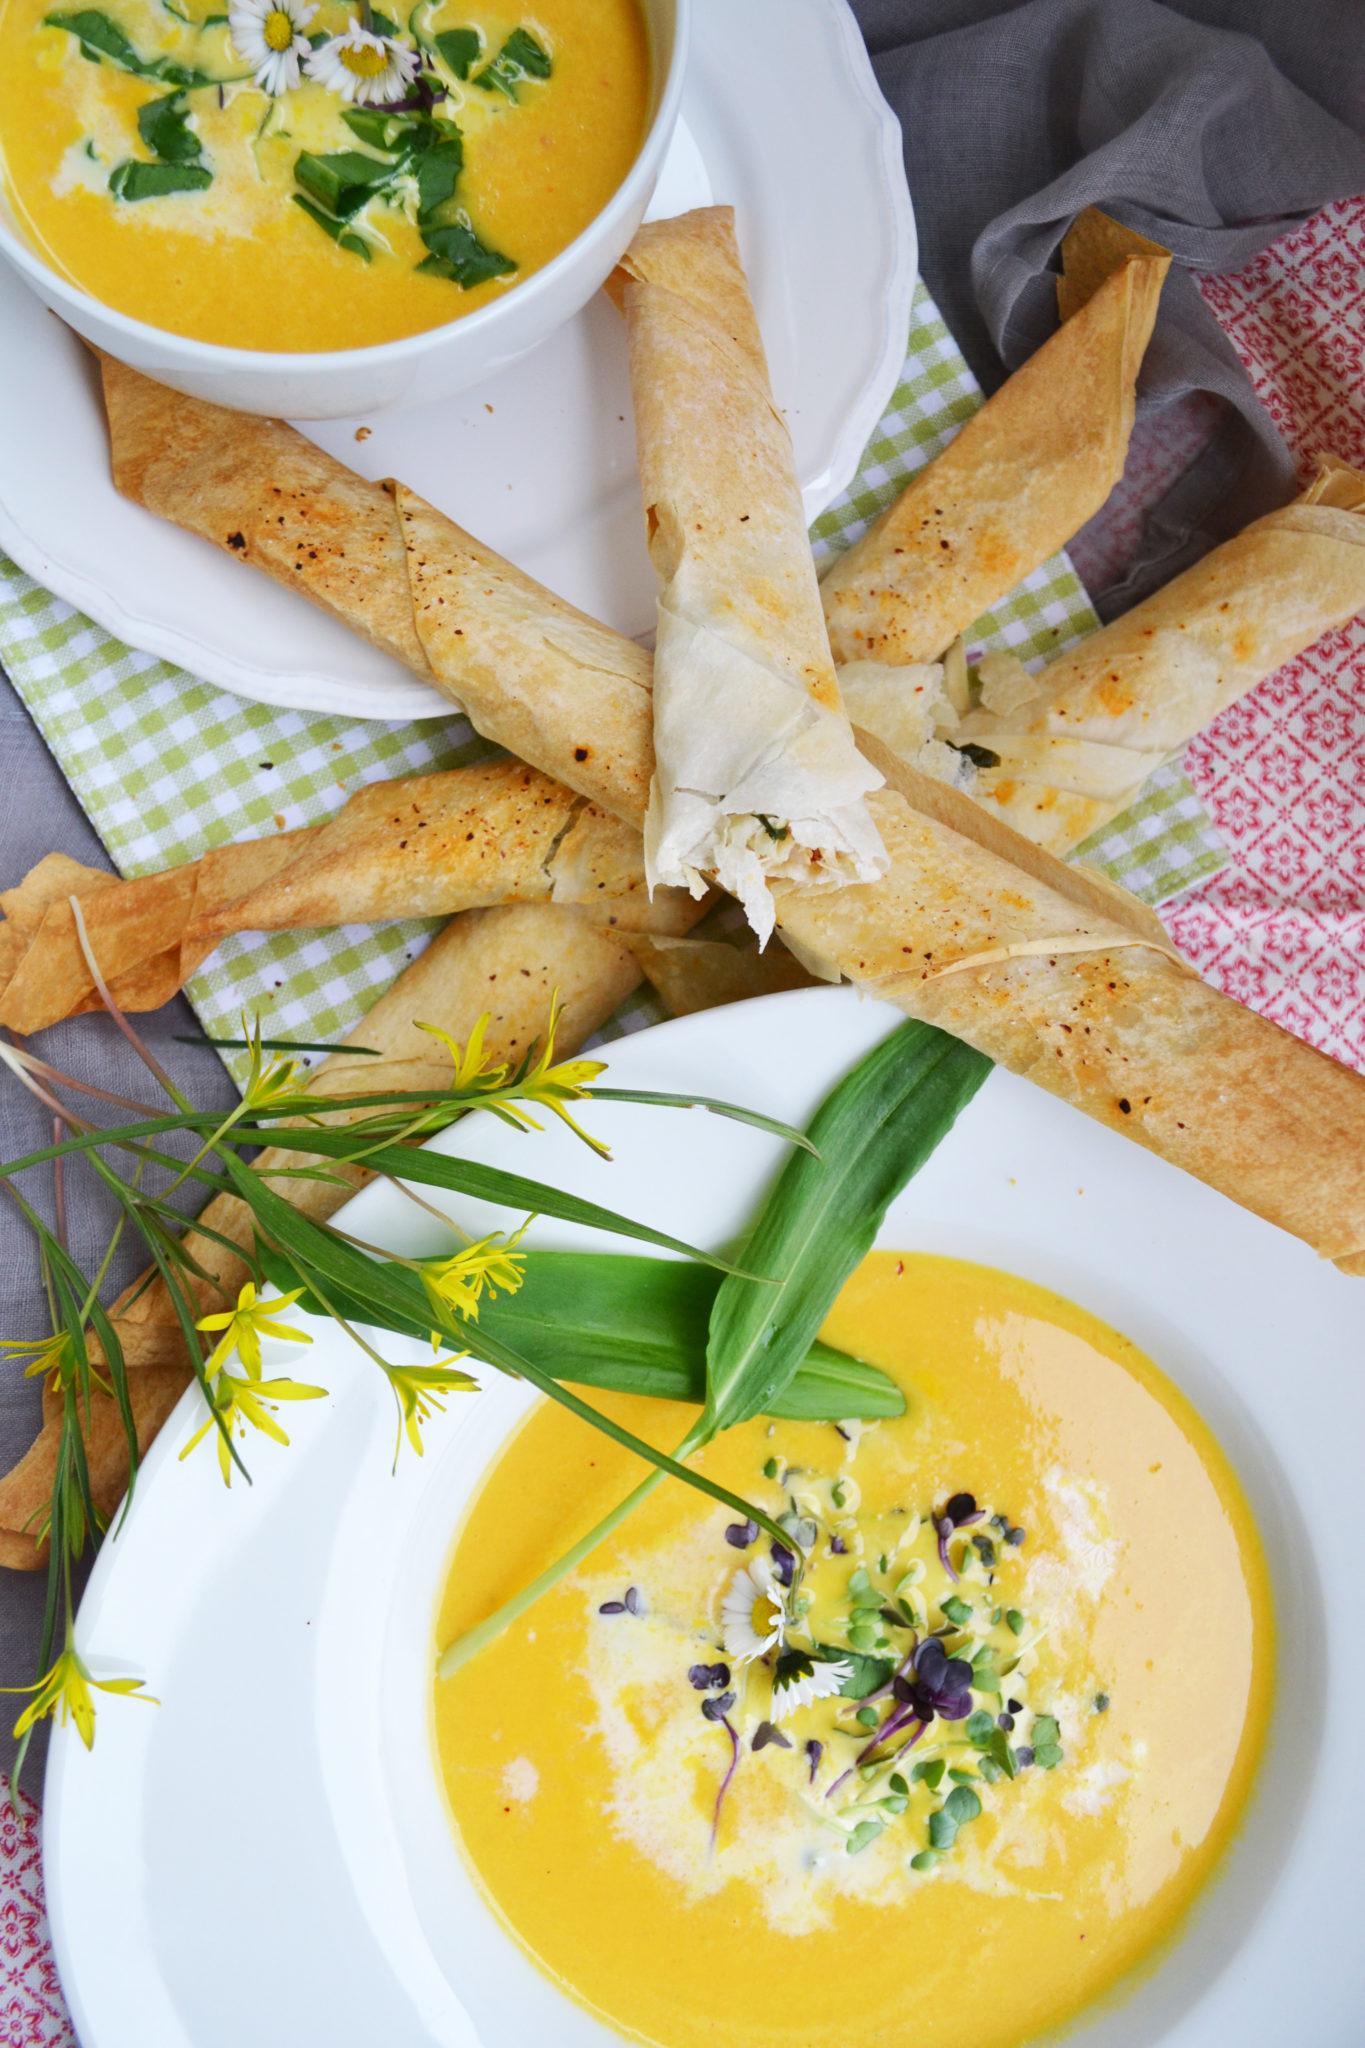 Frühlingsfrisch! Karotten-Kokosmilch-Suppe mit Forellen-Bärlauch-Stangerl